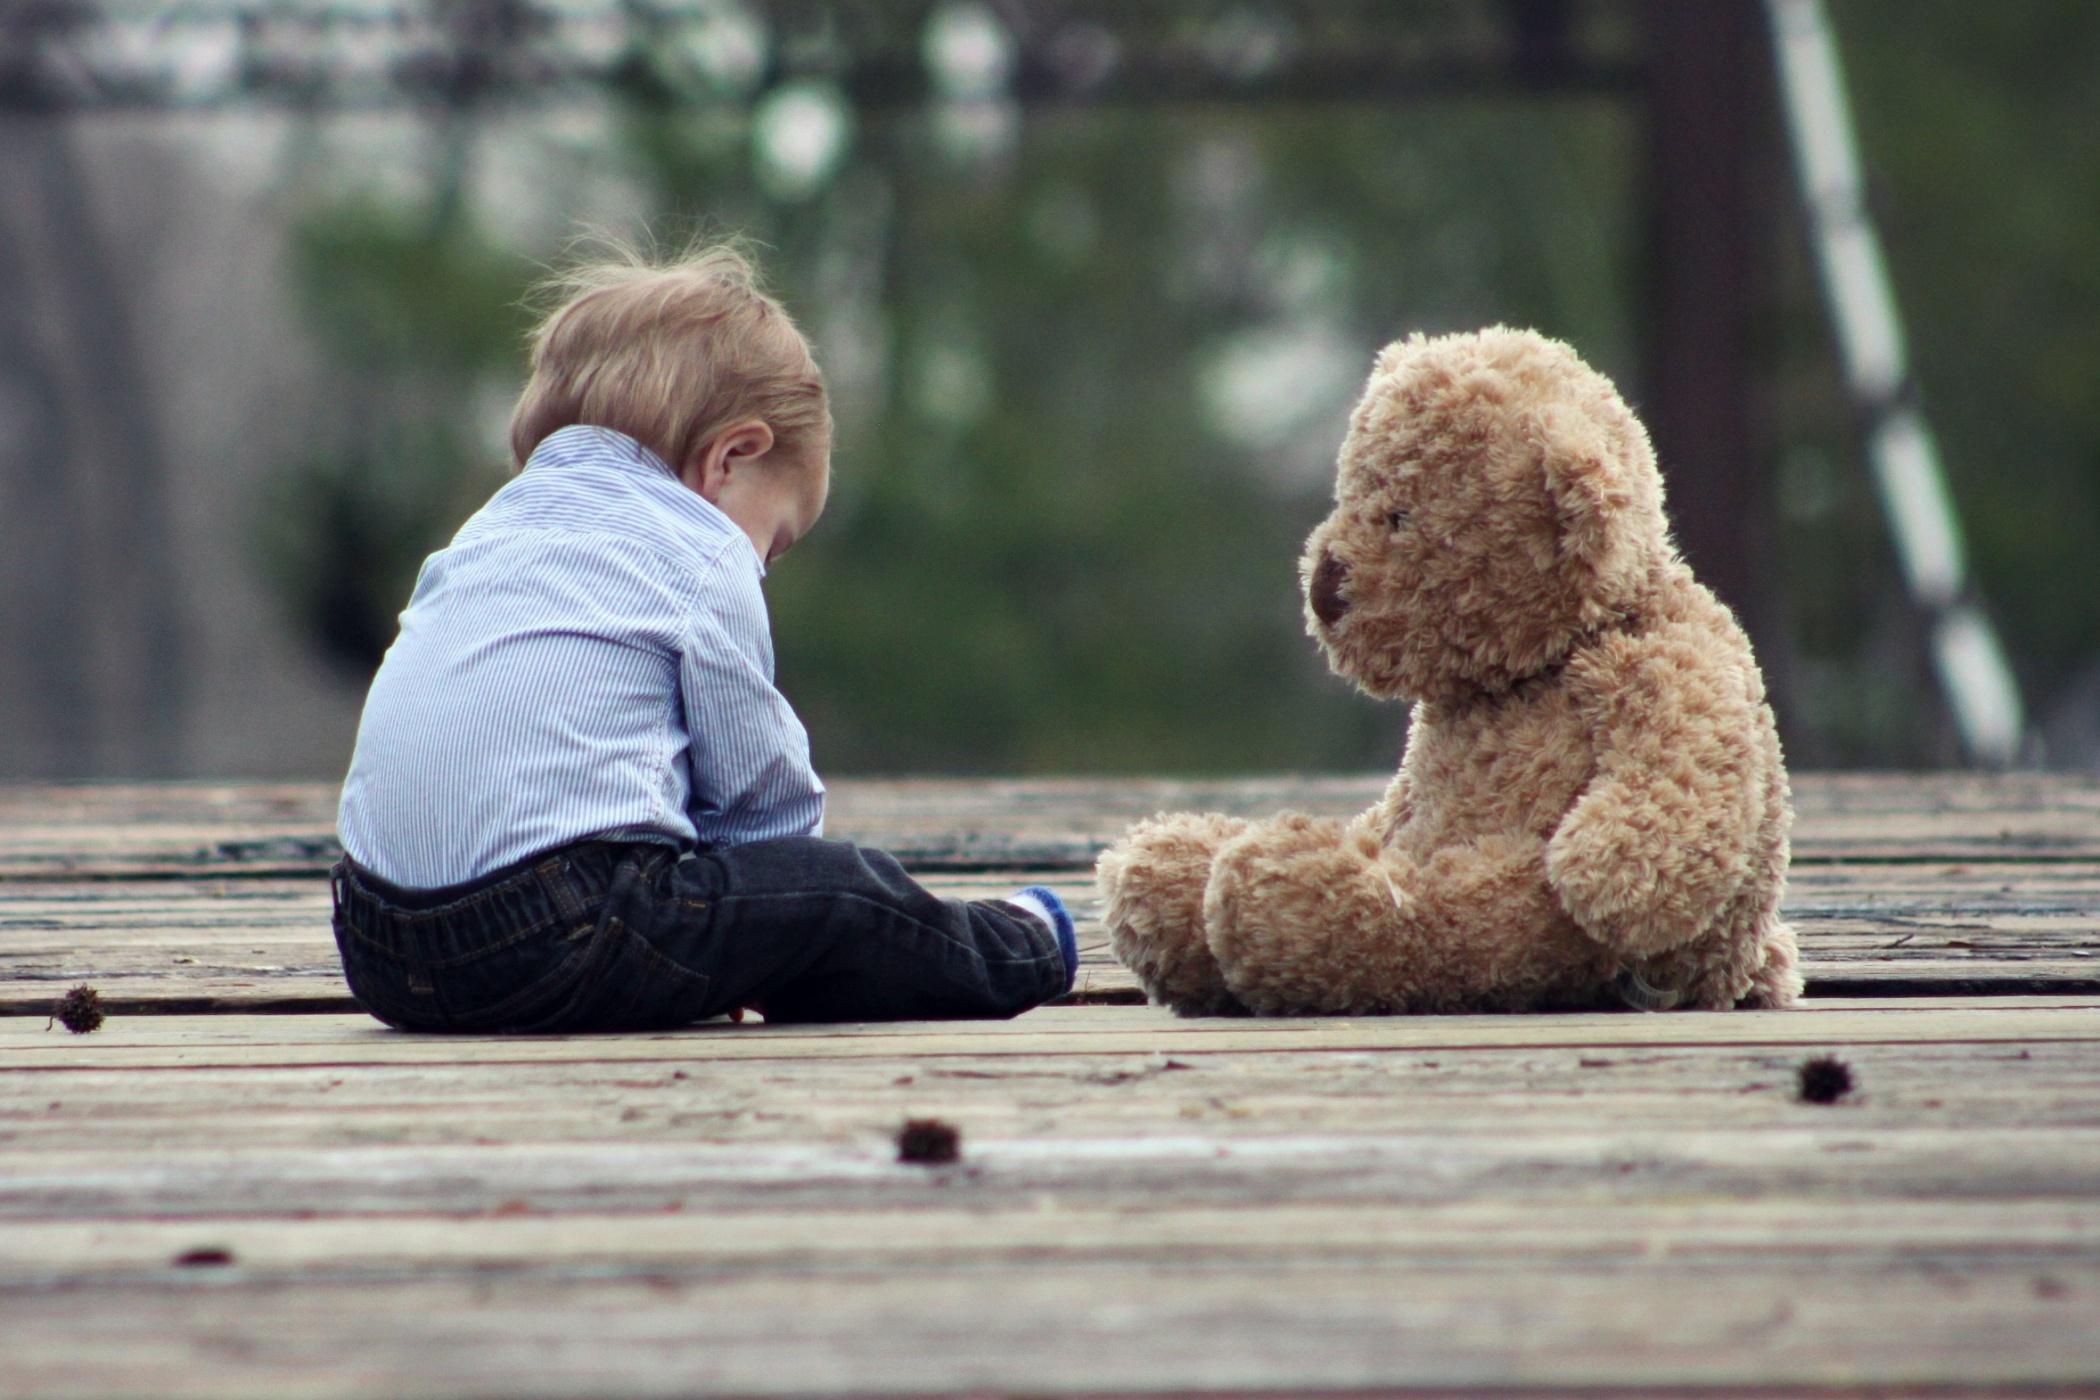 Na osvojení dítěte se v Česku čeká dlouho. Hodně záleží také na samotných rodičích, kteří mají často odlišné představy. (ilustrační foto)